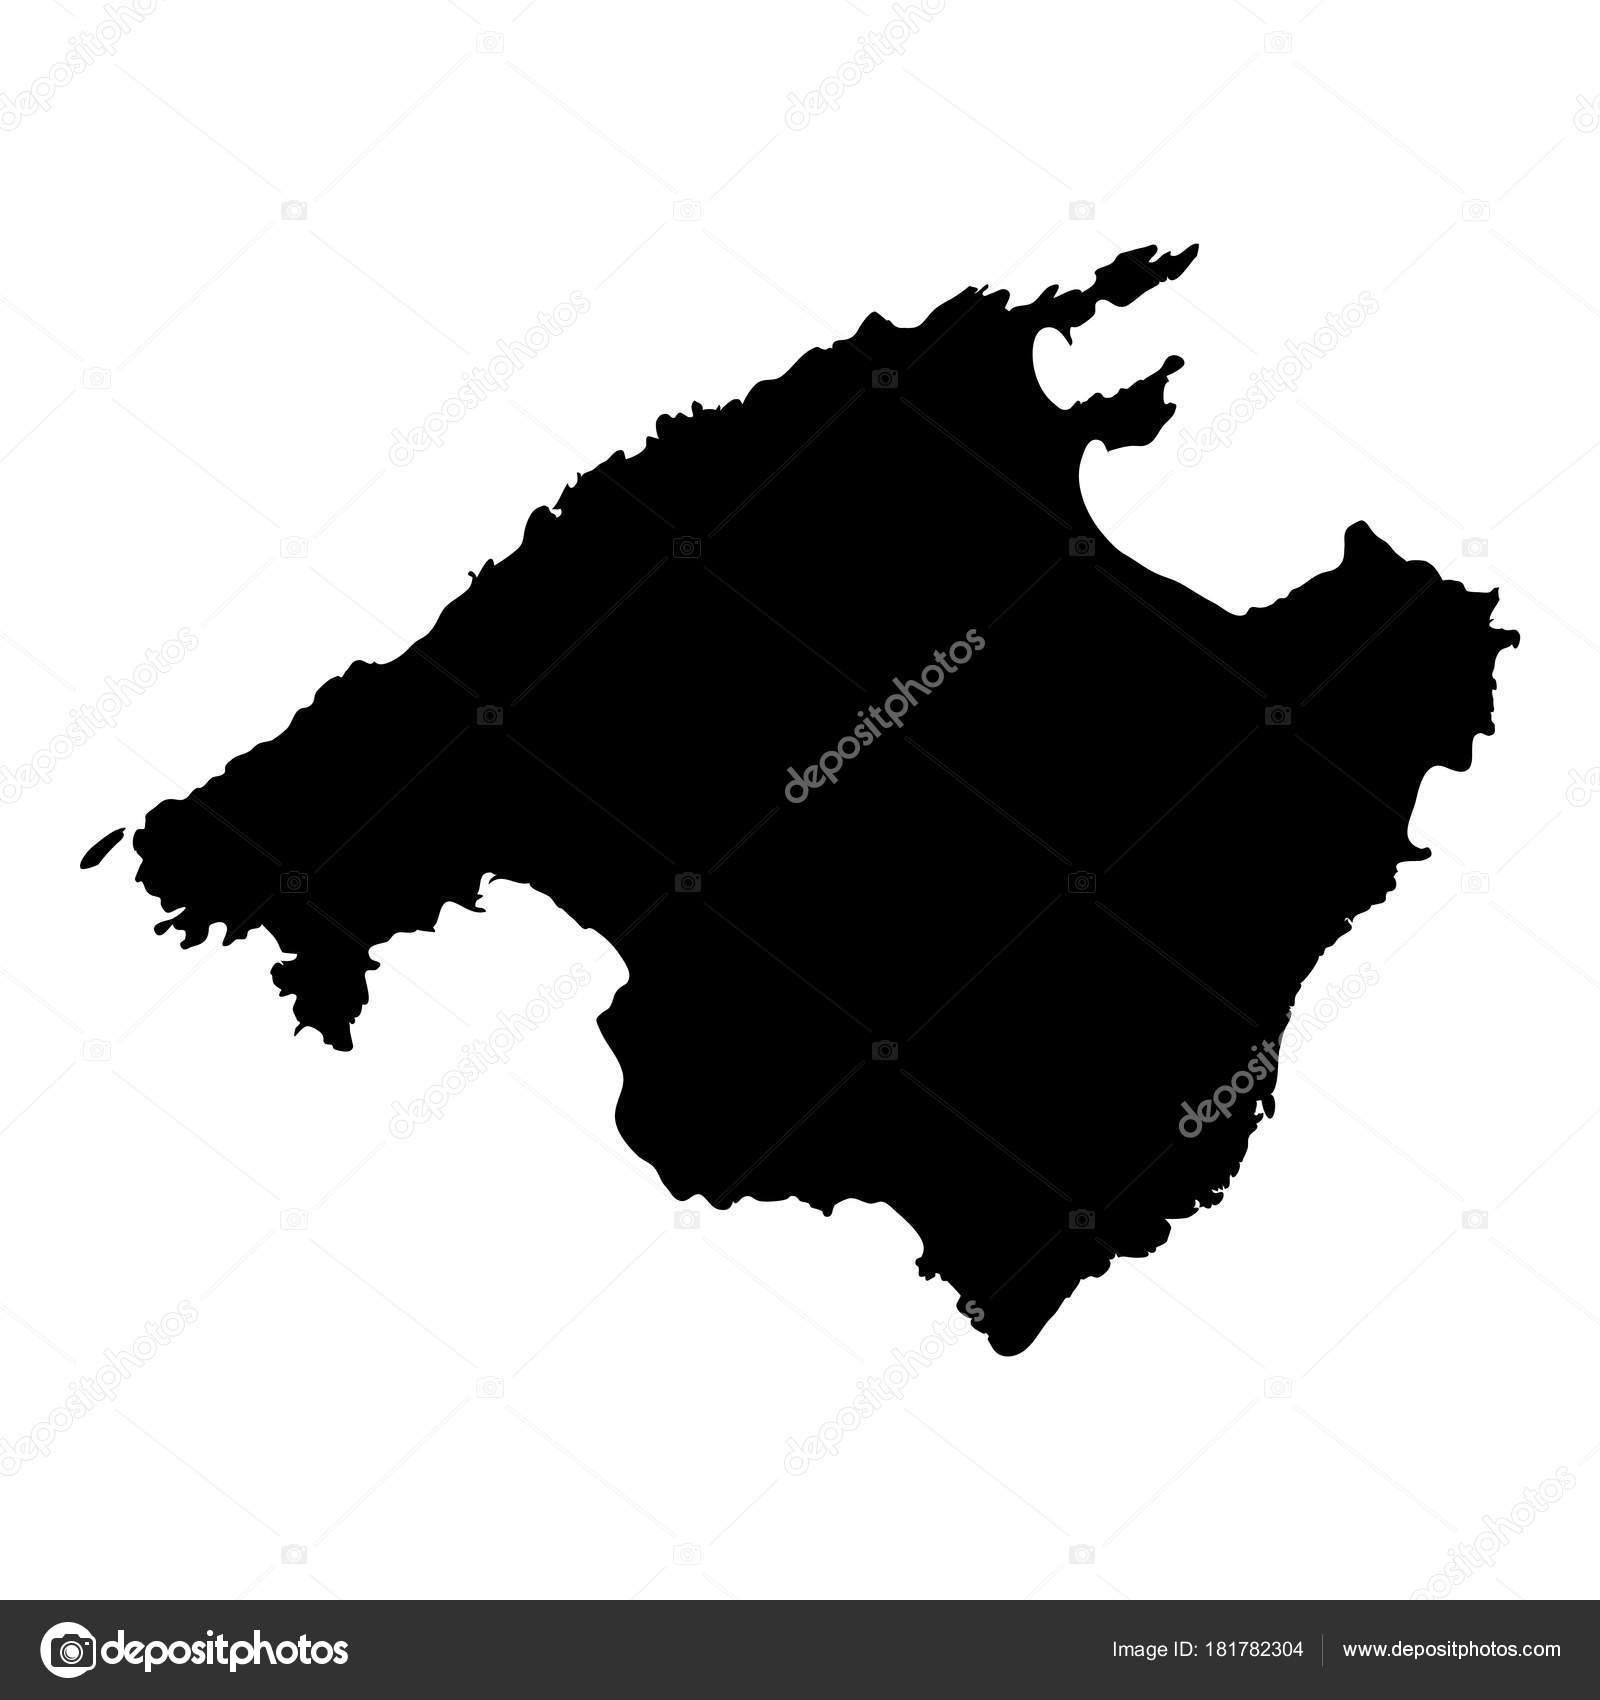 Mallorca Karte Umriss.Mallorca Karte Insel Silhouette Symbol Isoliert Mallorca